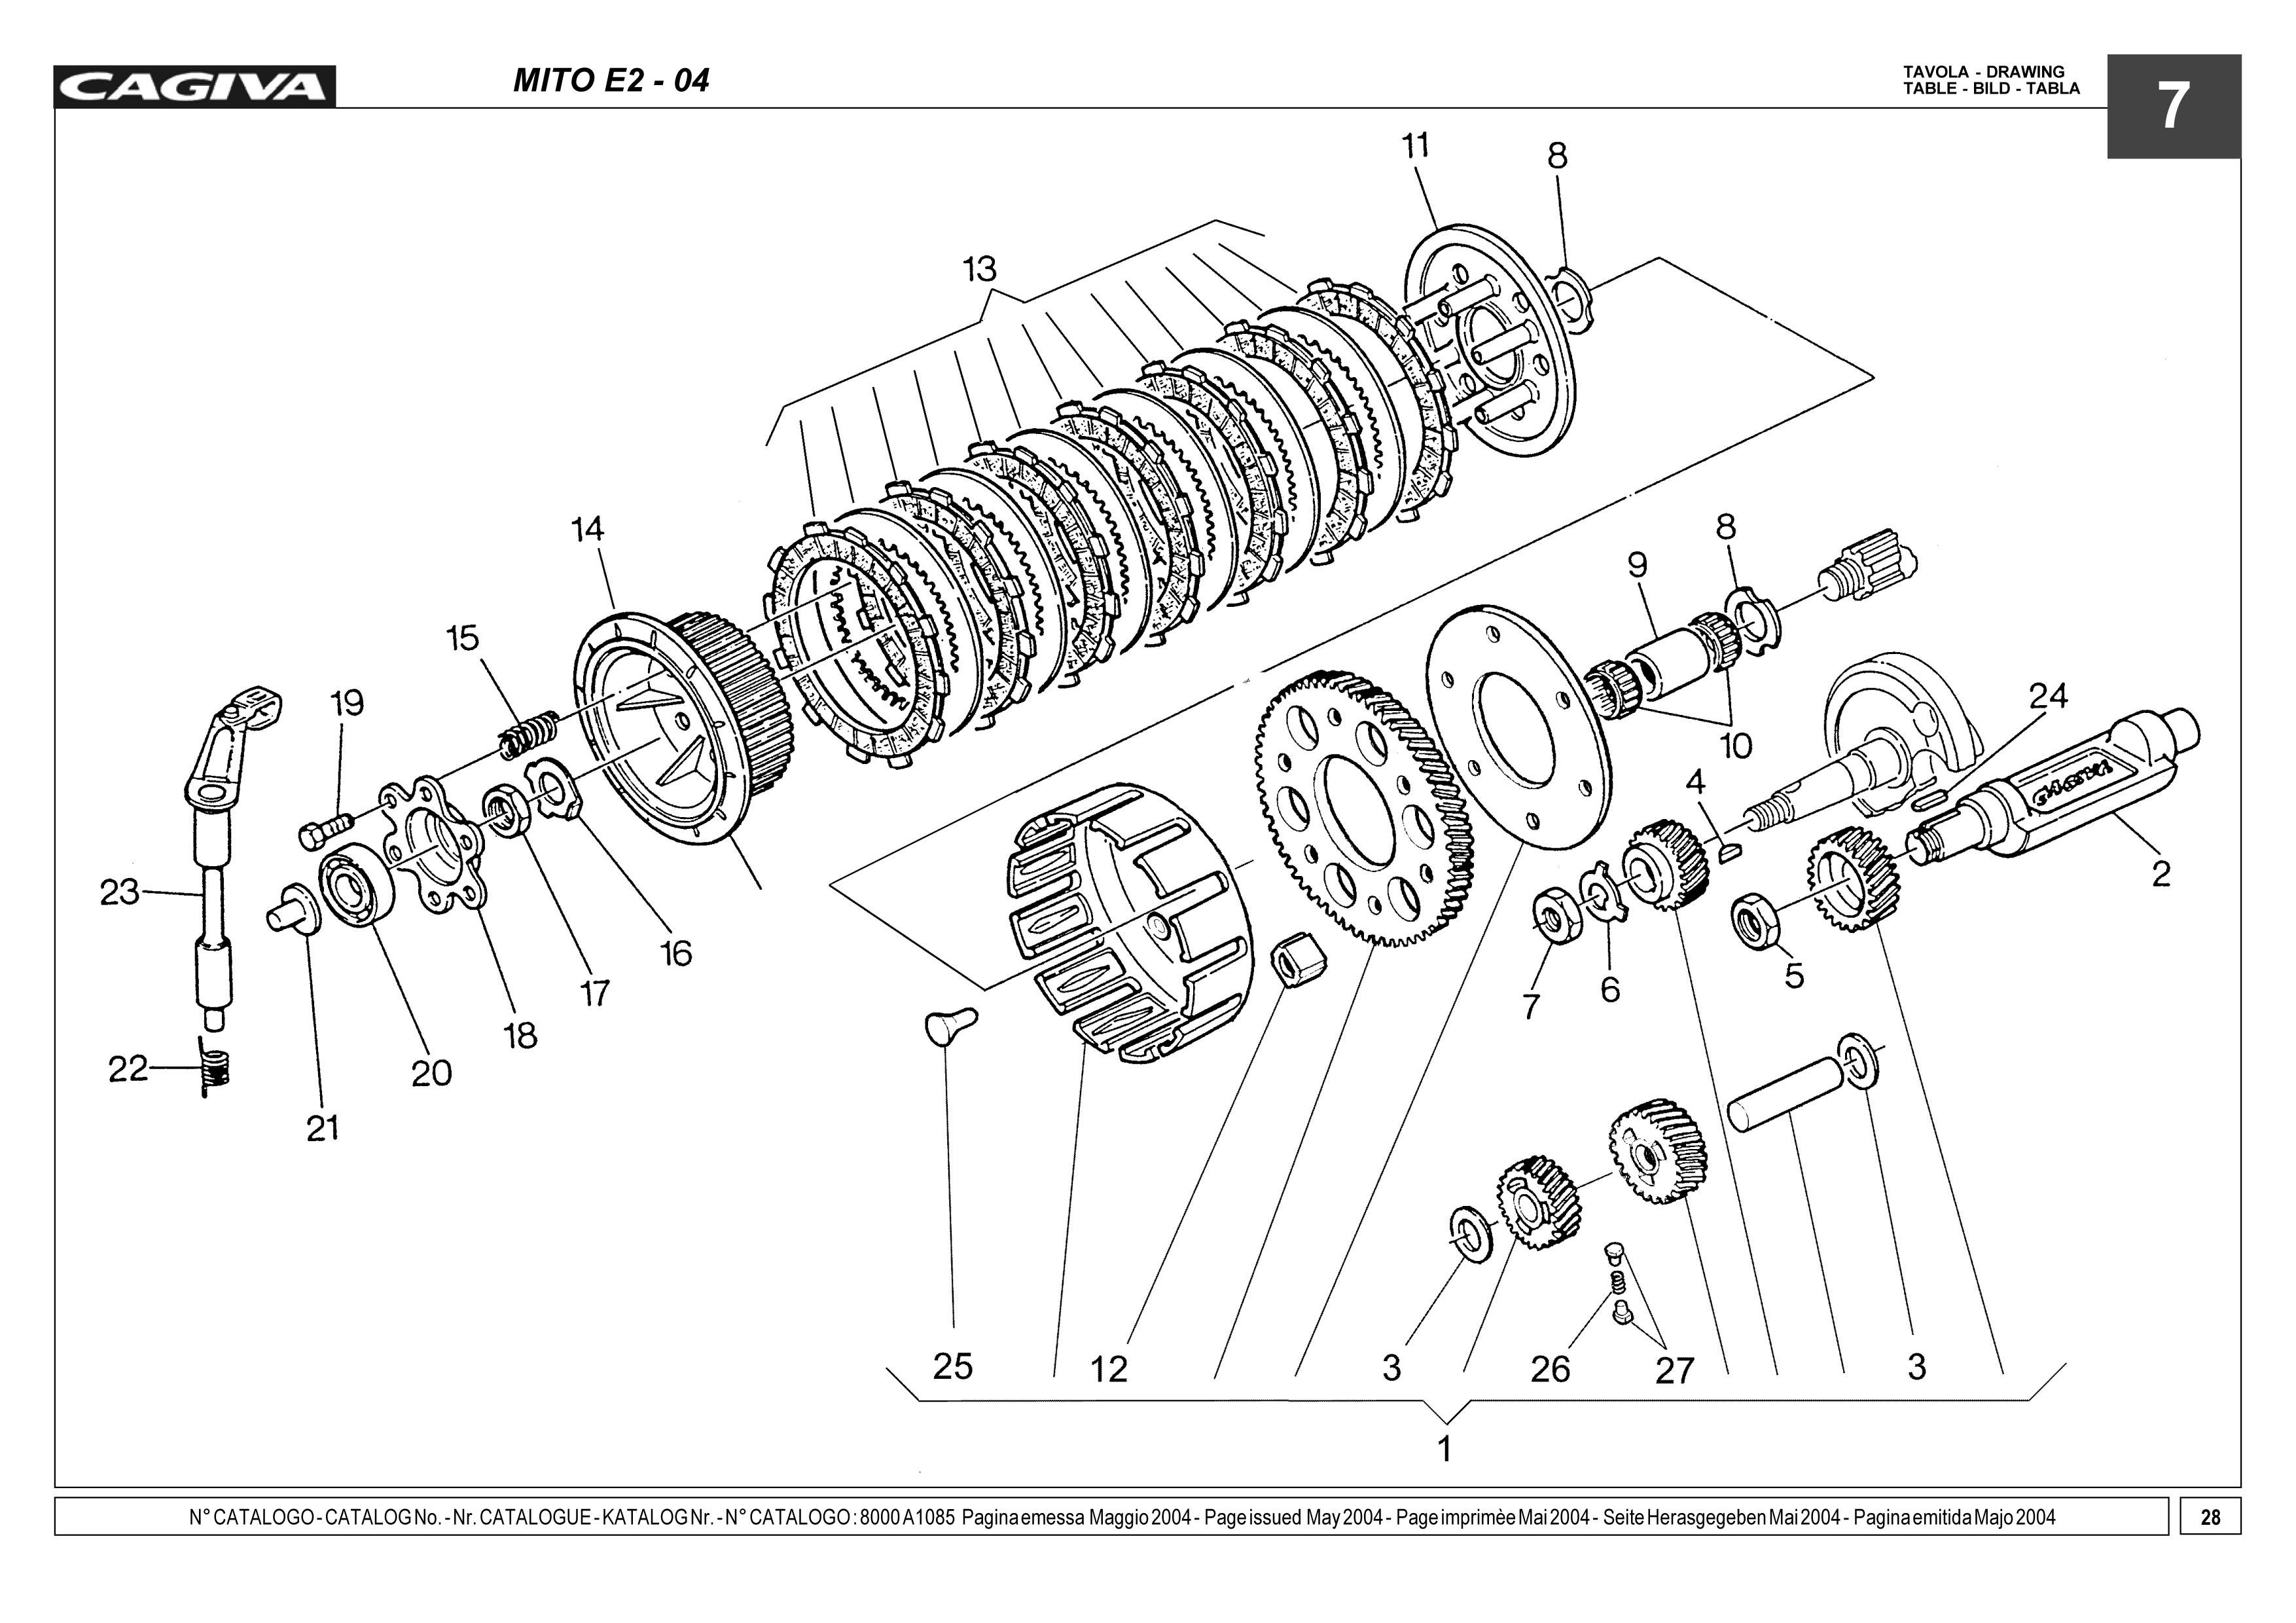 Cagiva Mito 125 Wiring Diagram